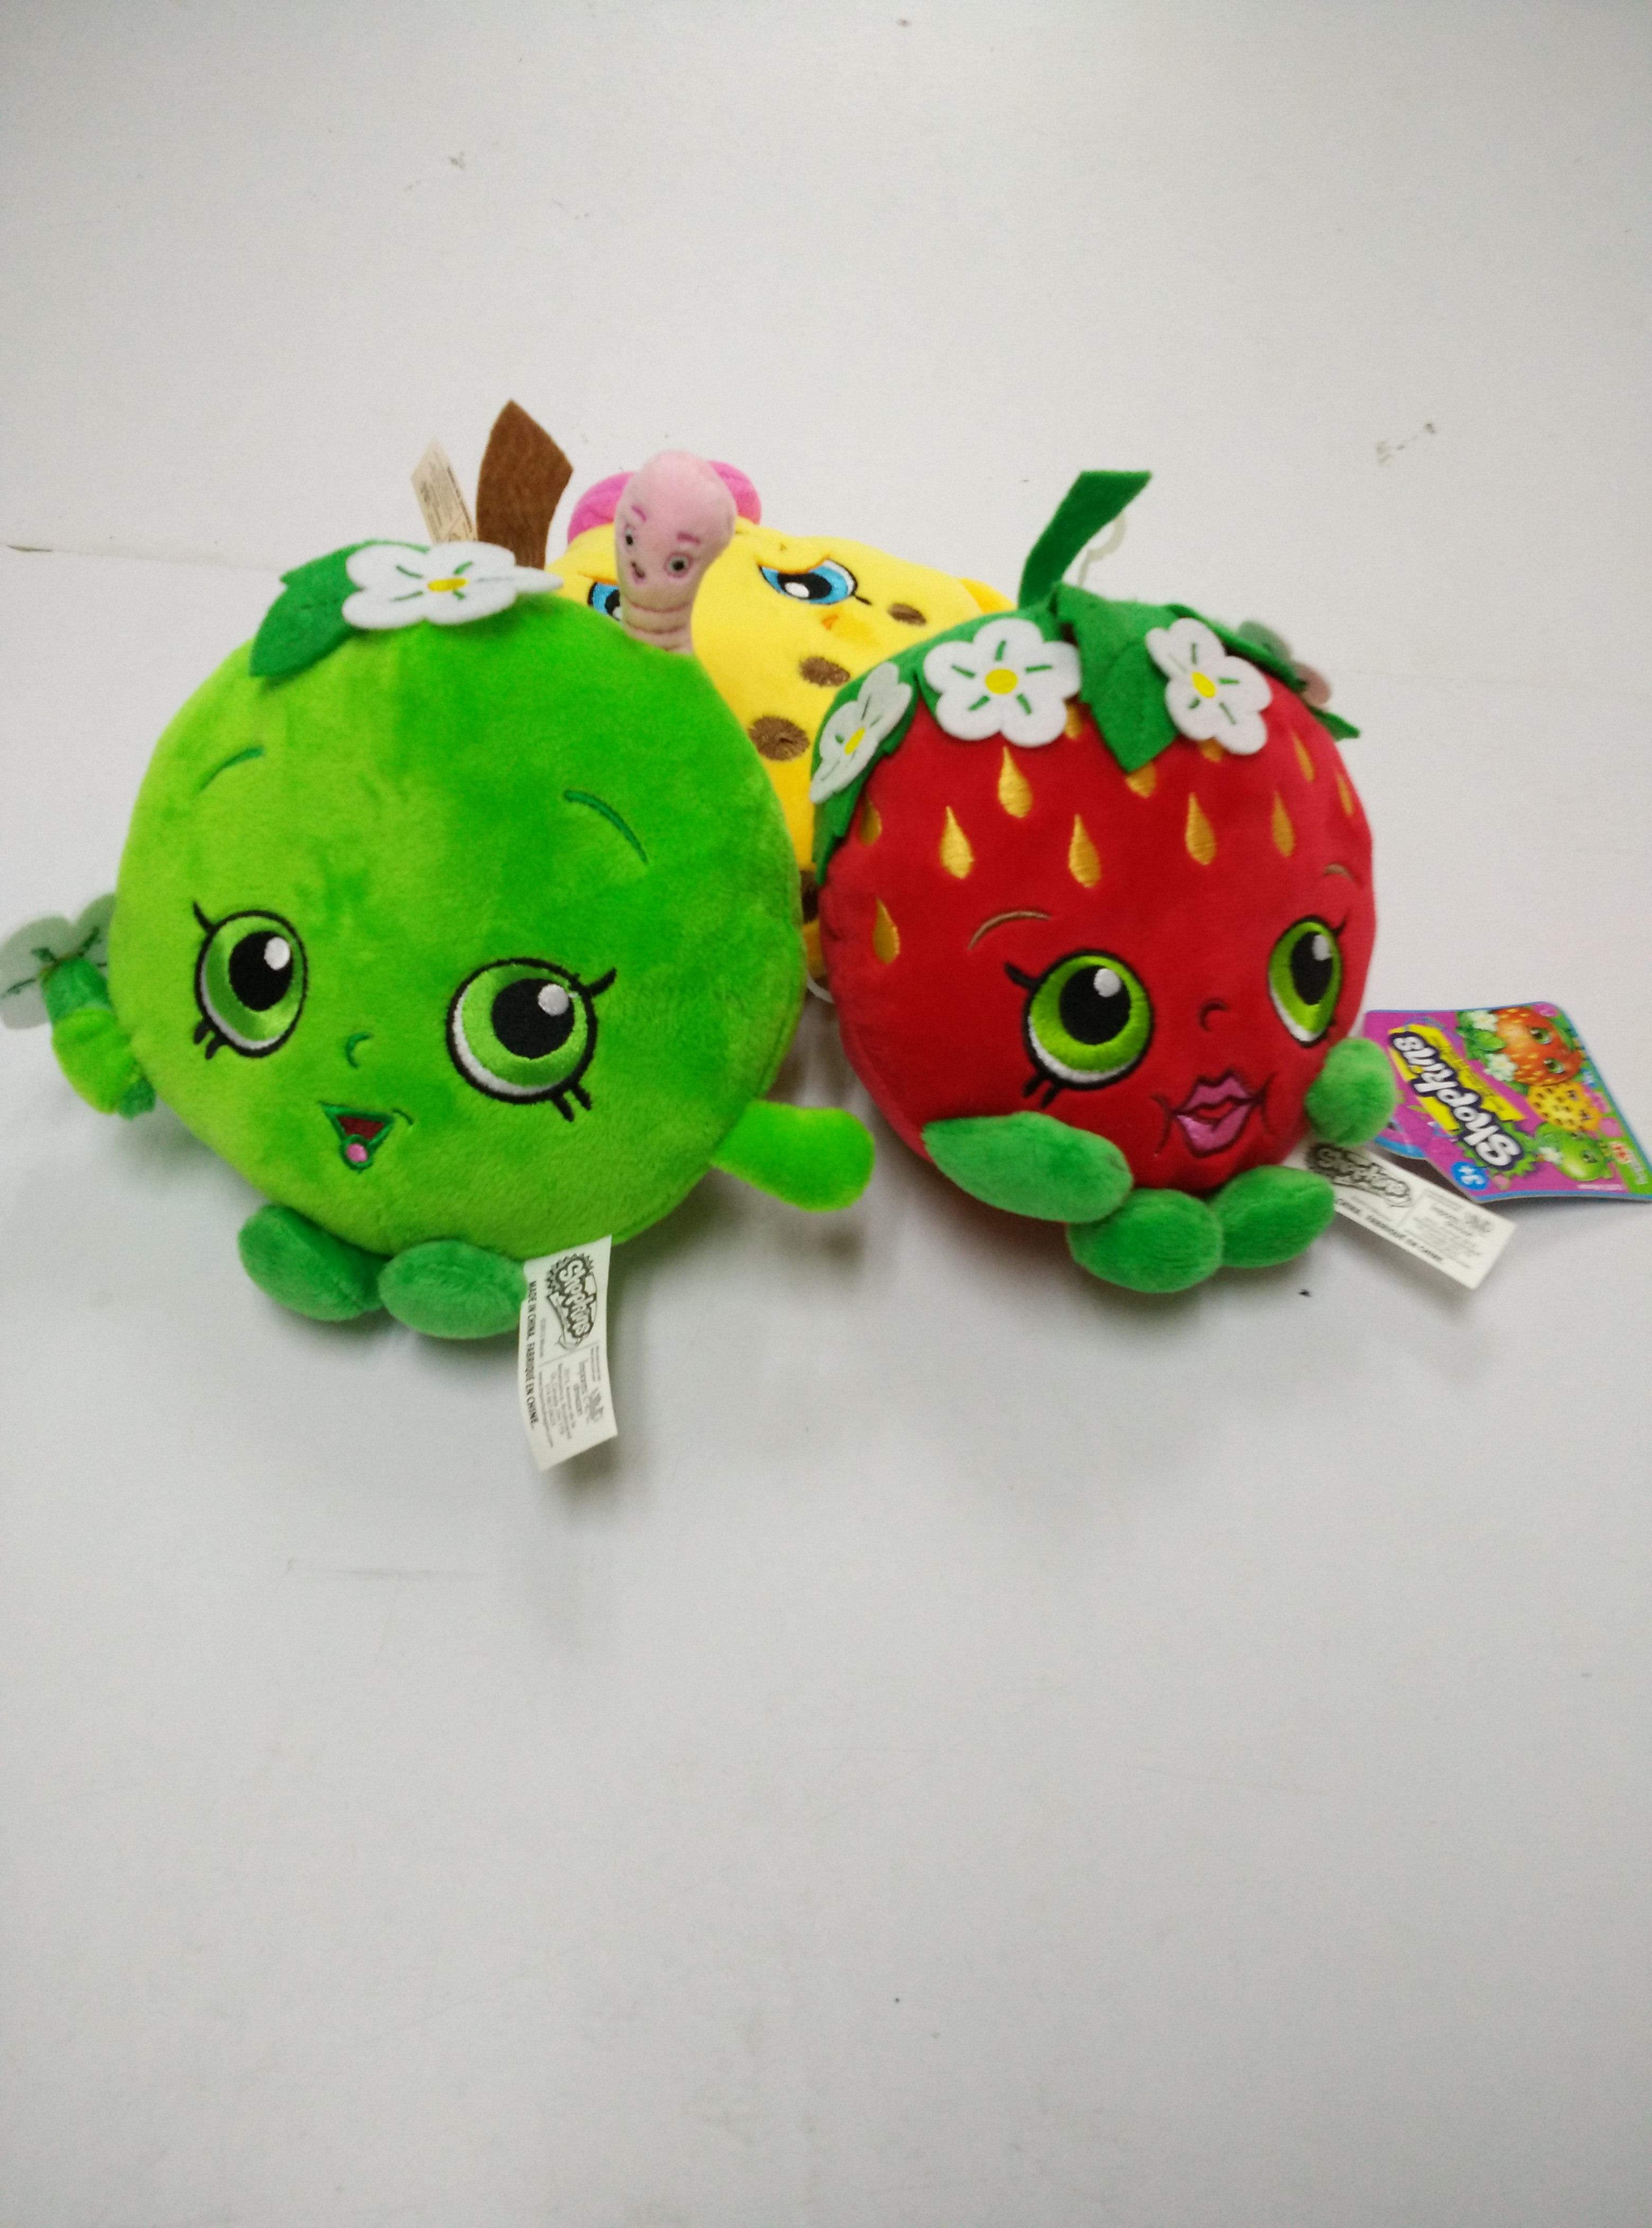 厂家定制外贸原单水果卡通毛绒玩具可爱小苹果 凤梨玩具草莓水果玩具